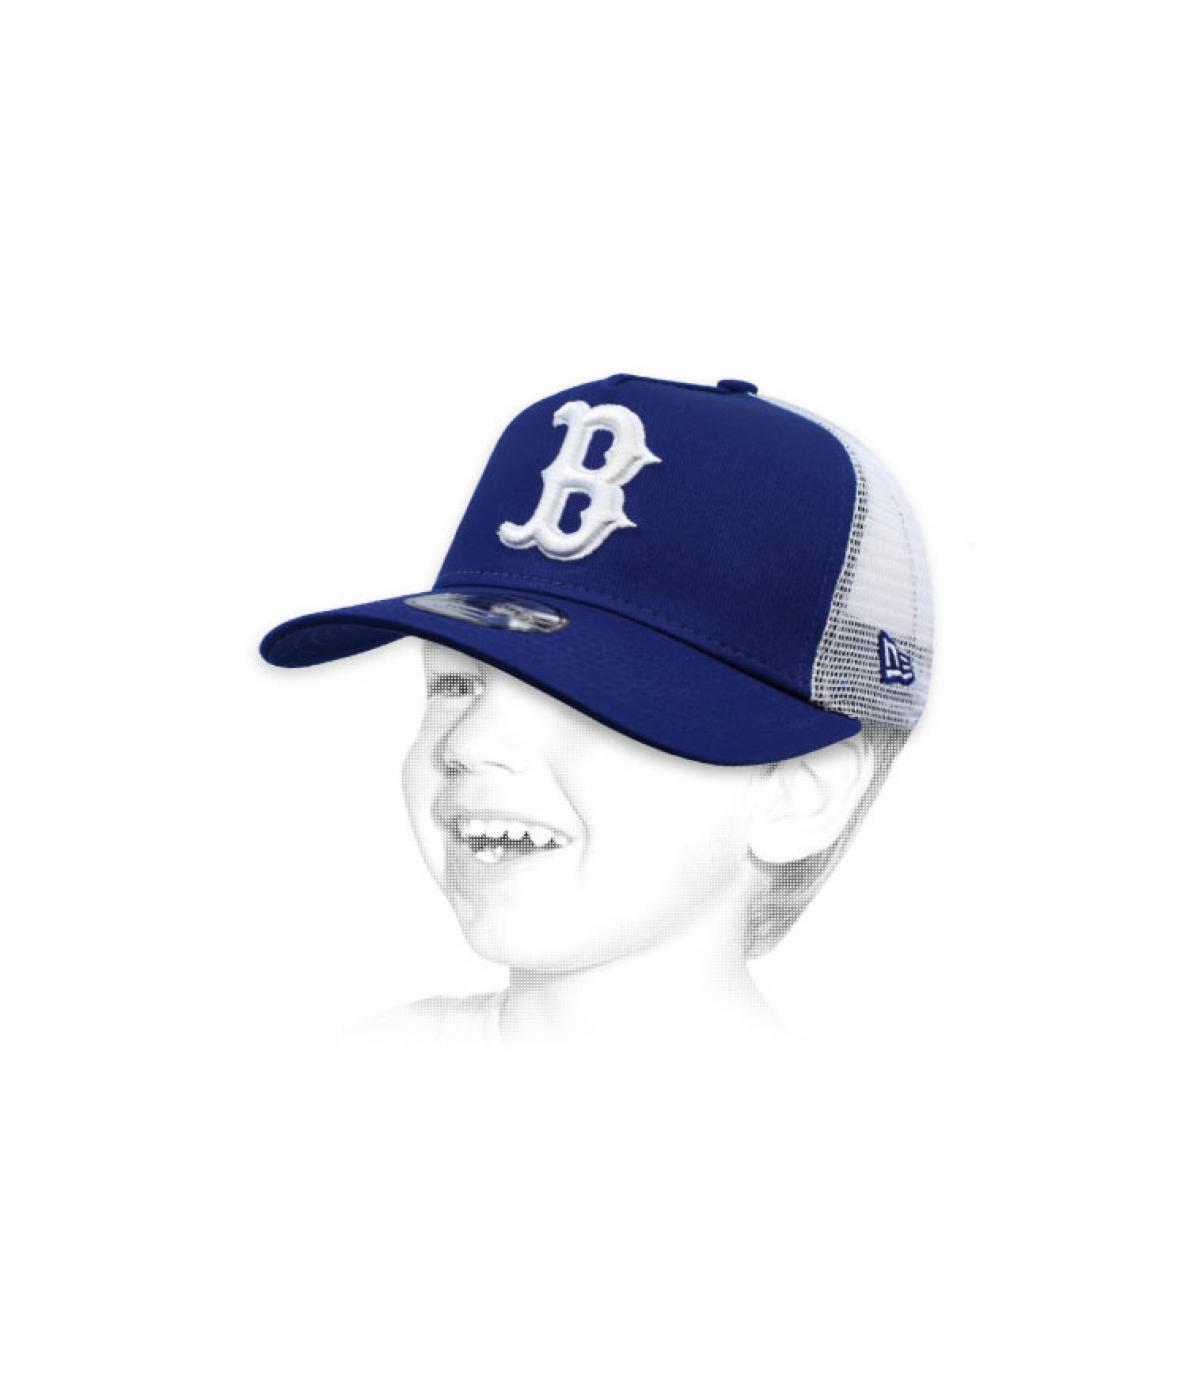 trucker bambino B blu ebb3cf97be0d